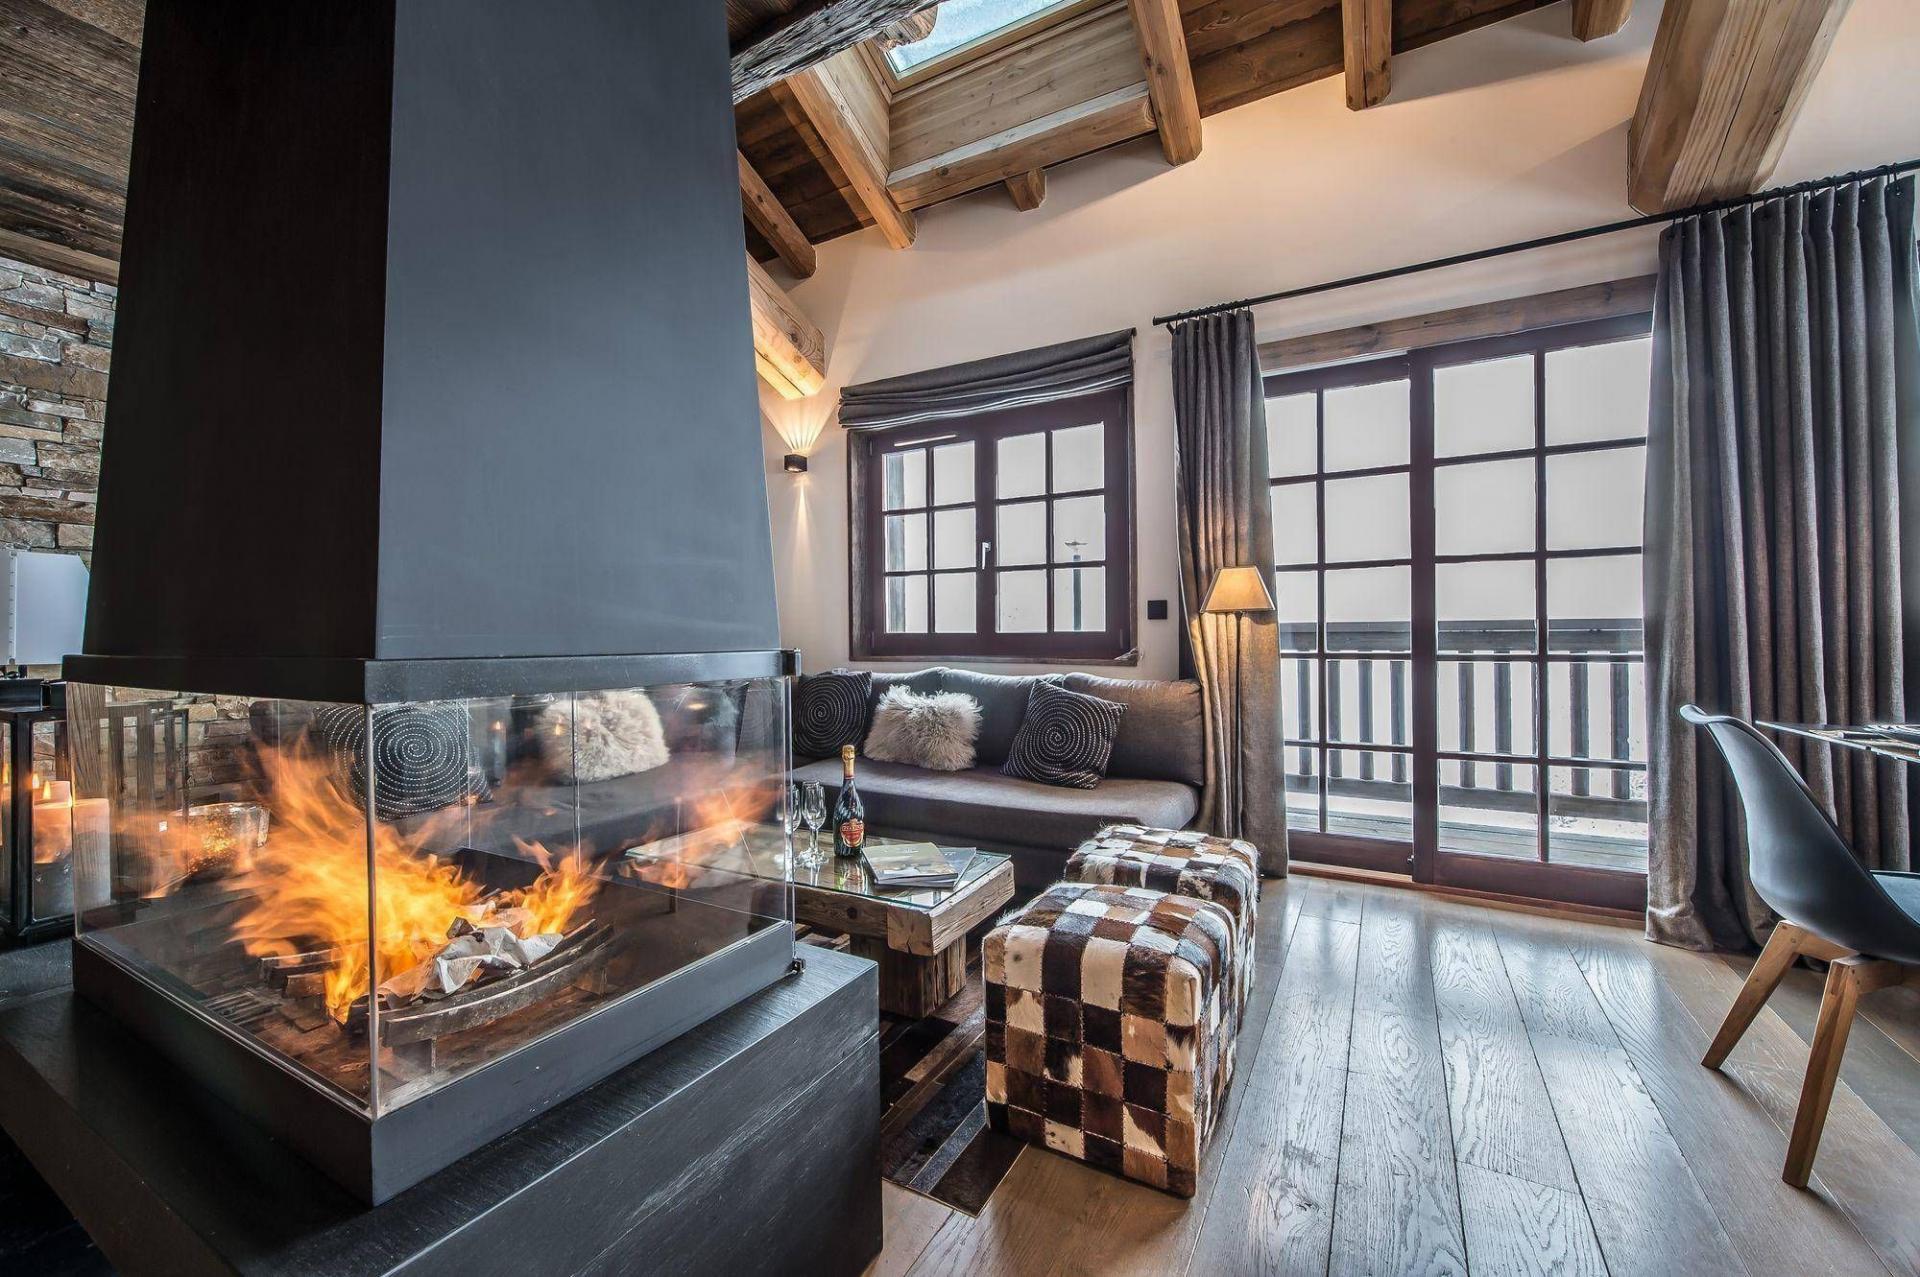 Le Refuge Megeve Architecte chalet le refuge | luxury chalet in meribel